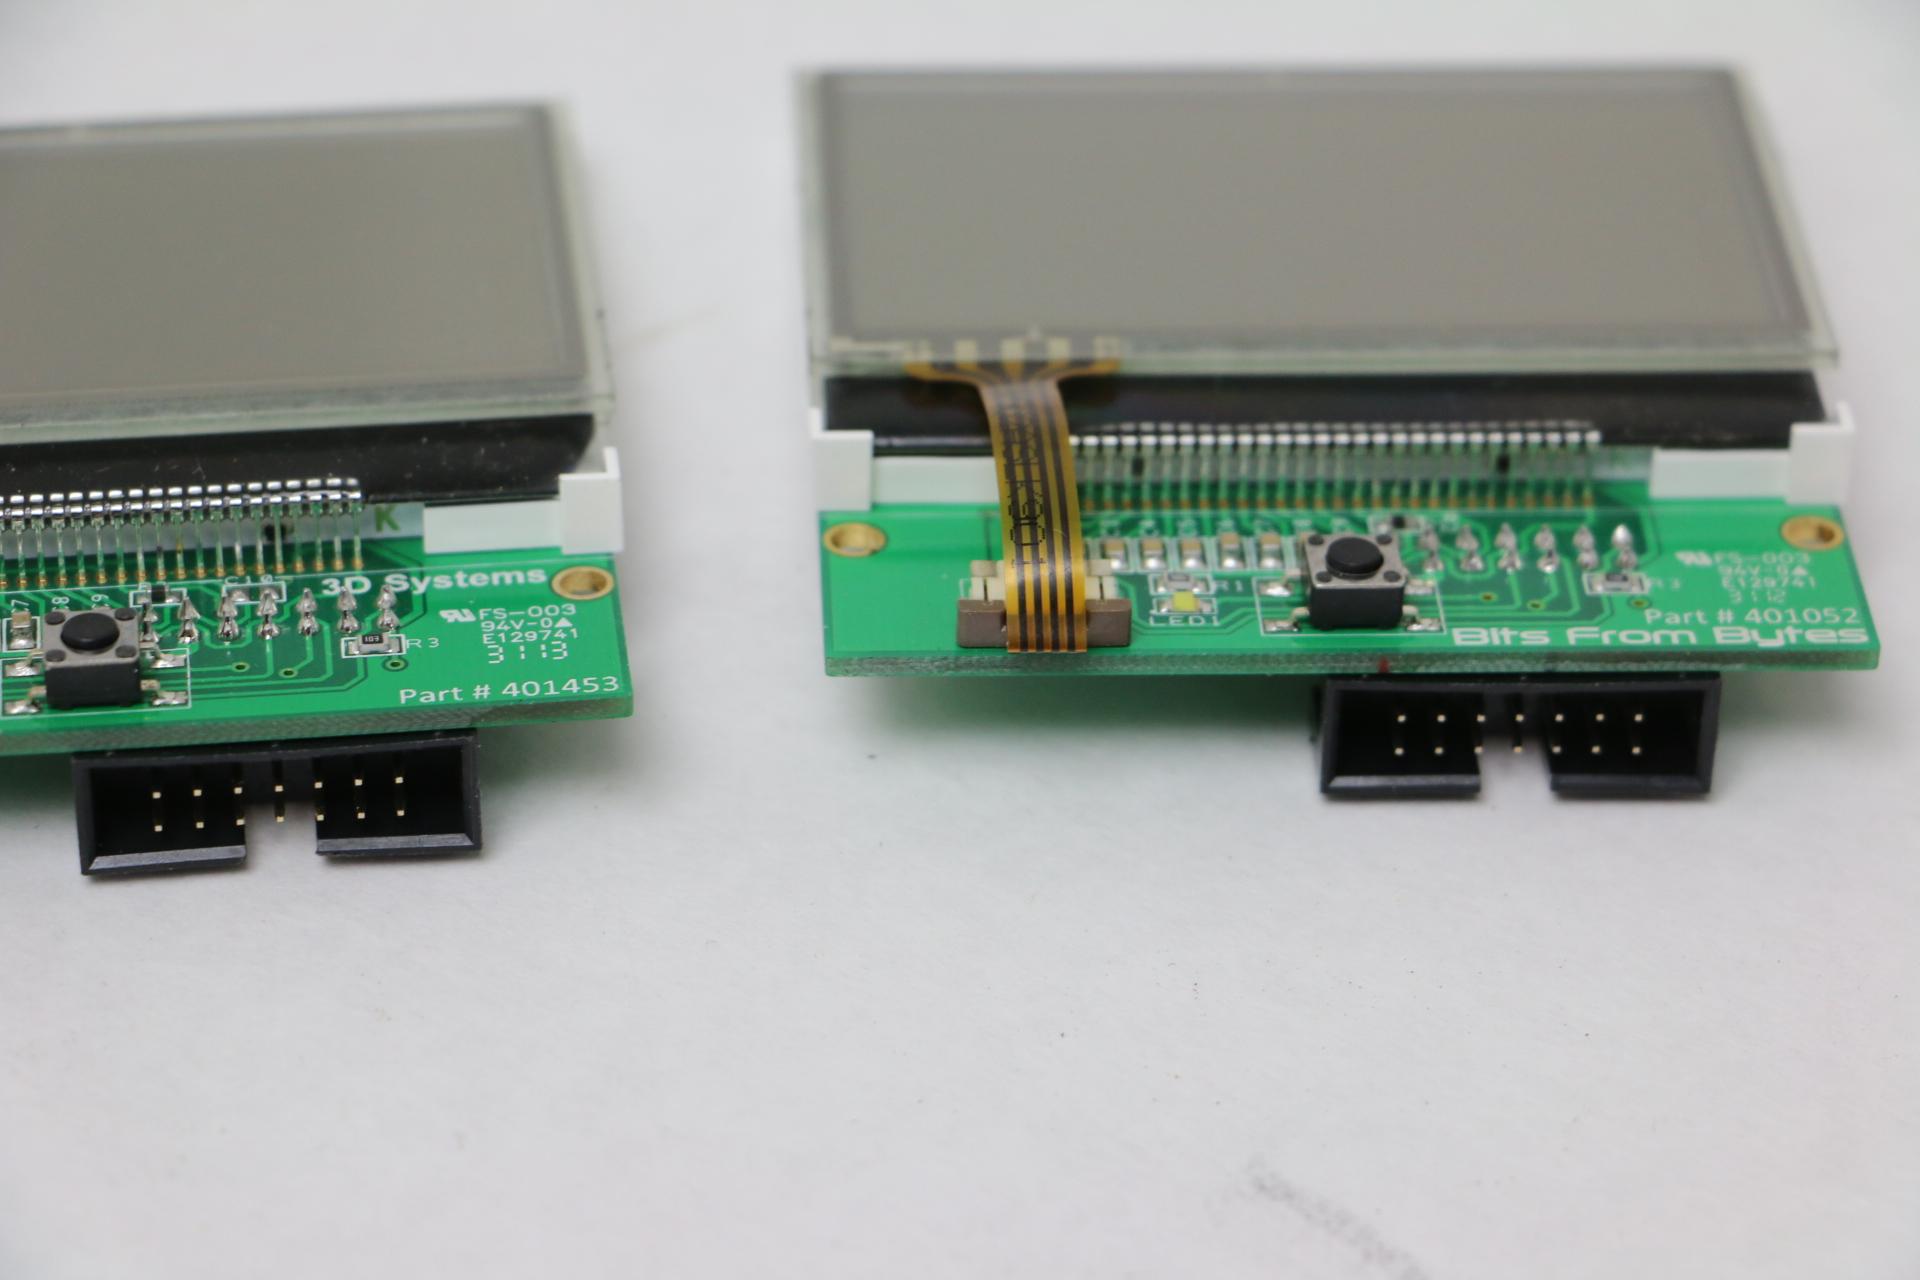 (2)NEW 3D Systems LBL-CC242-4001-5W01 Display Panels 130922 B4 CI064-4040-06